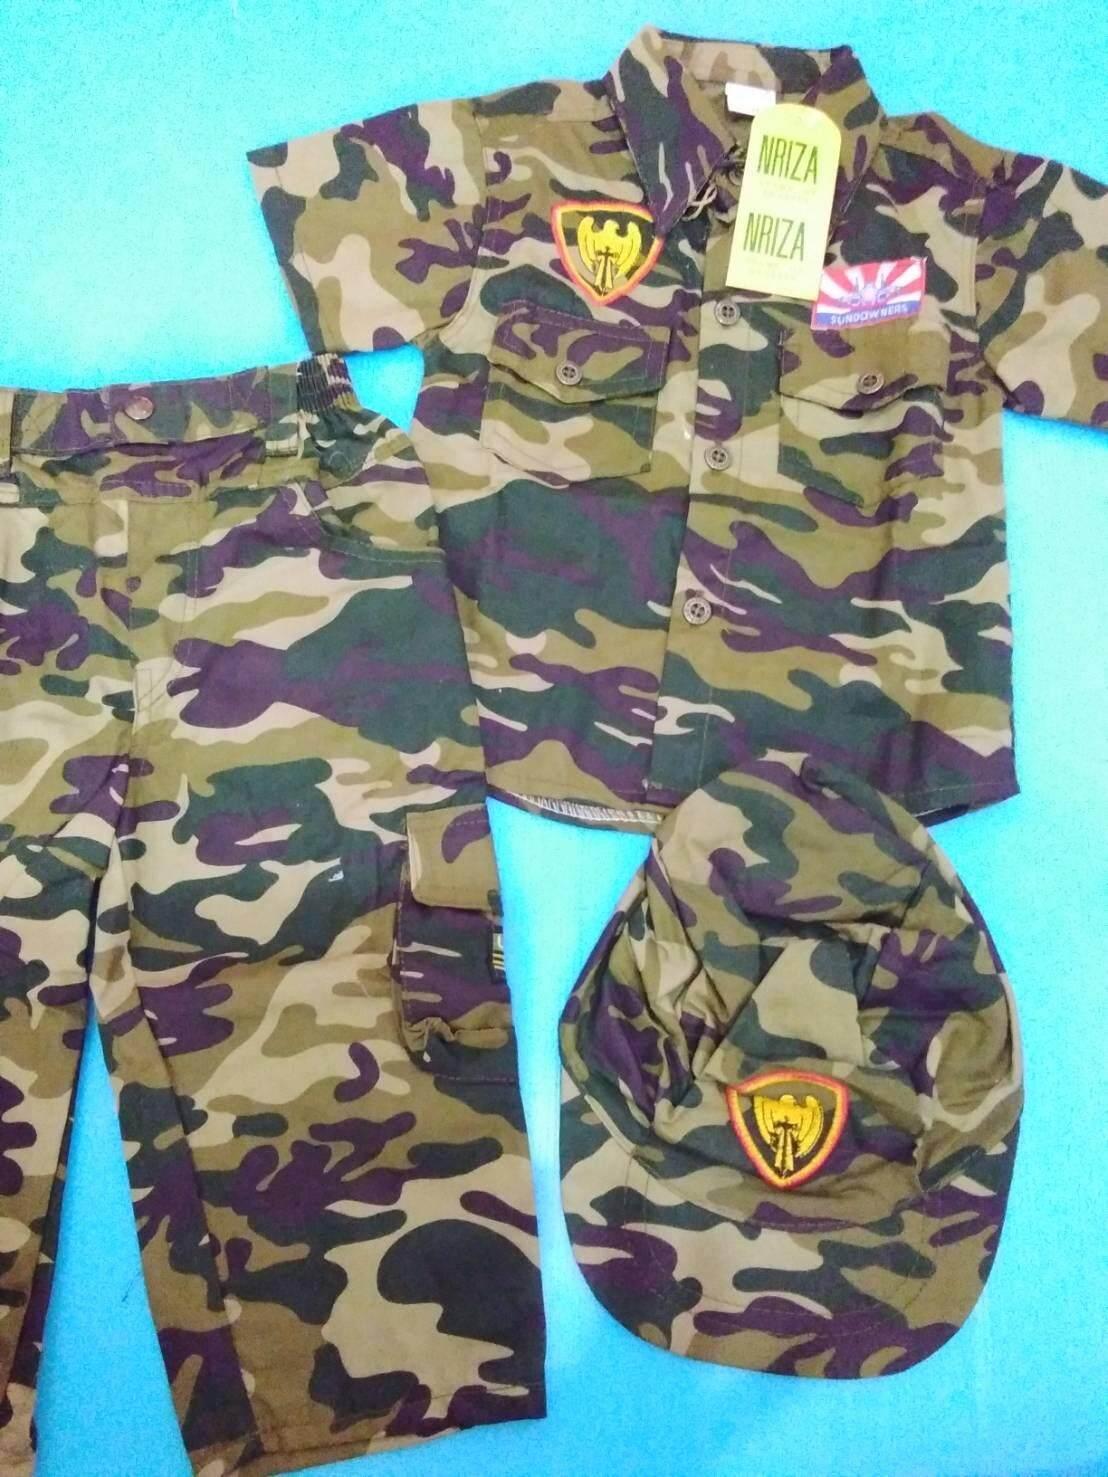 ชุดทหารรุ่นจิ๋ว(เสื้อแขนสั้น+กางเกงขายาว)มาแล้วจ้าชุดอาชีพในฝันน้องๆ เนื้อผ้าใส่สบายไม่หนามากนะคะ นน.8-15 โลค่ะ มีของเล่นชุดแถมมาในแพคด้วย (สินค้าพร้อมส่ง).